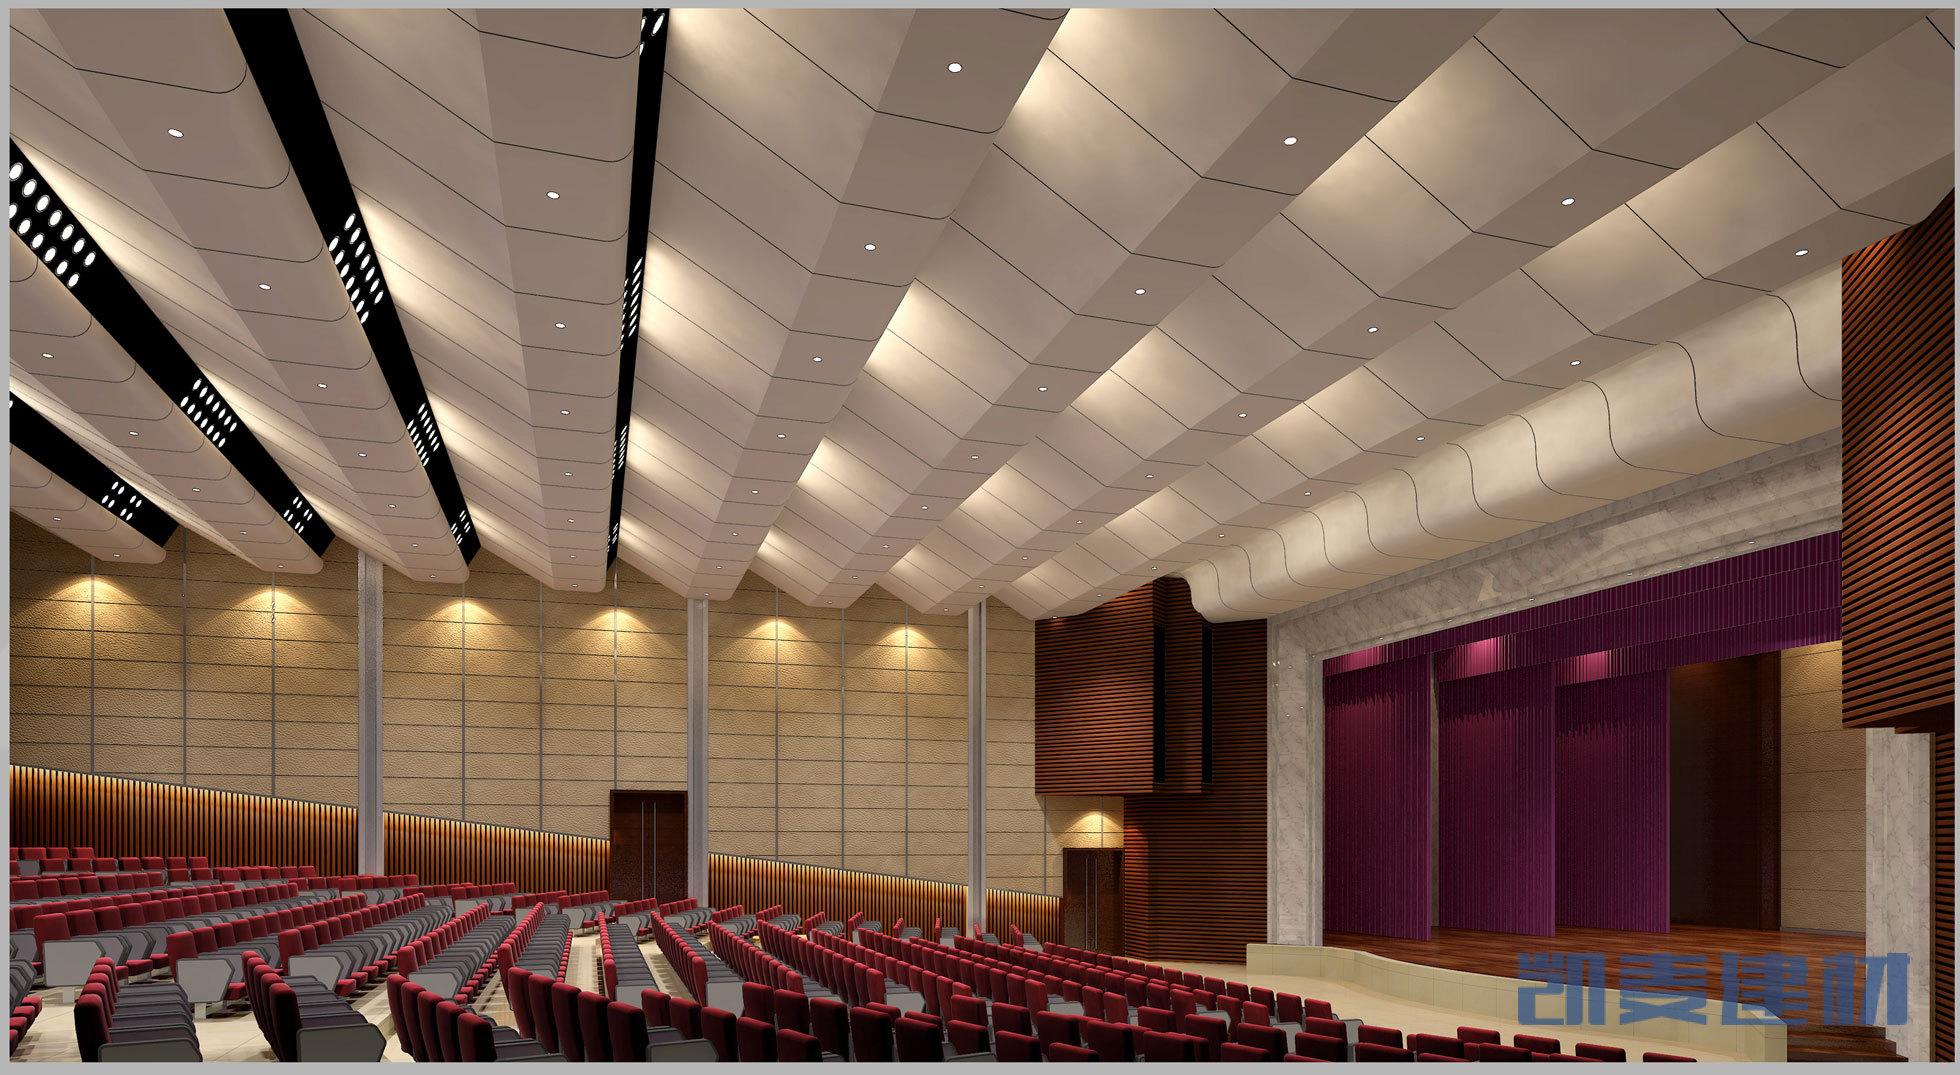 阶梯会议室跌级多层铝单板吊顶